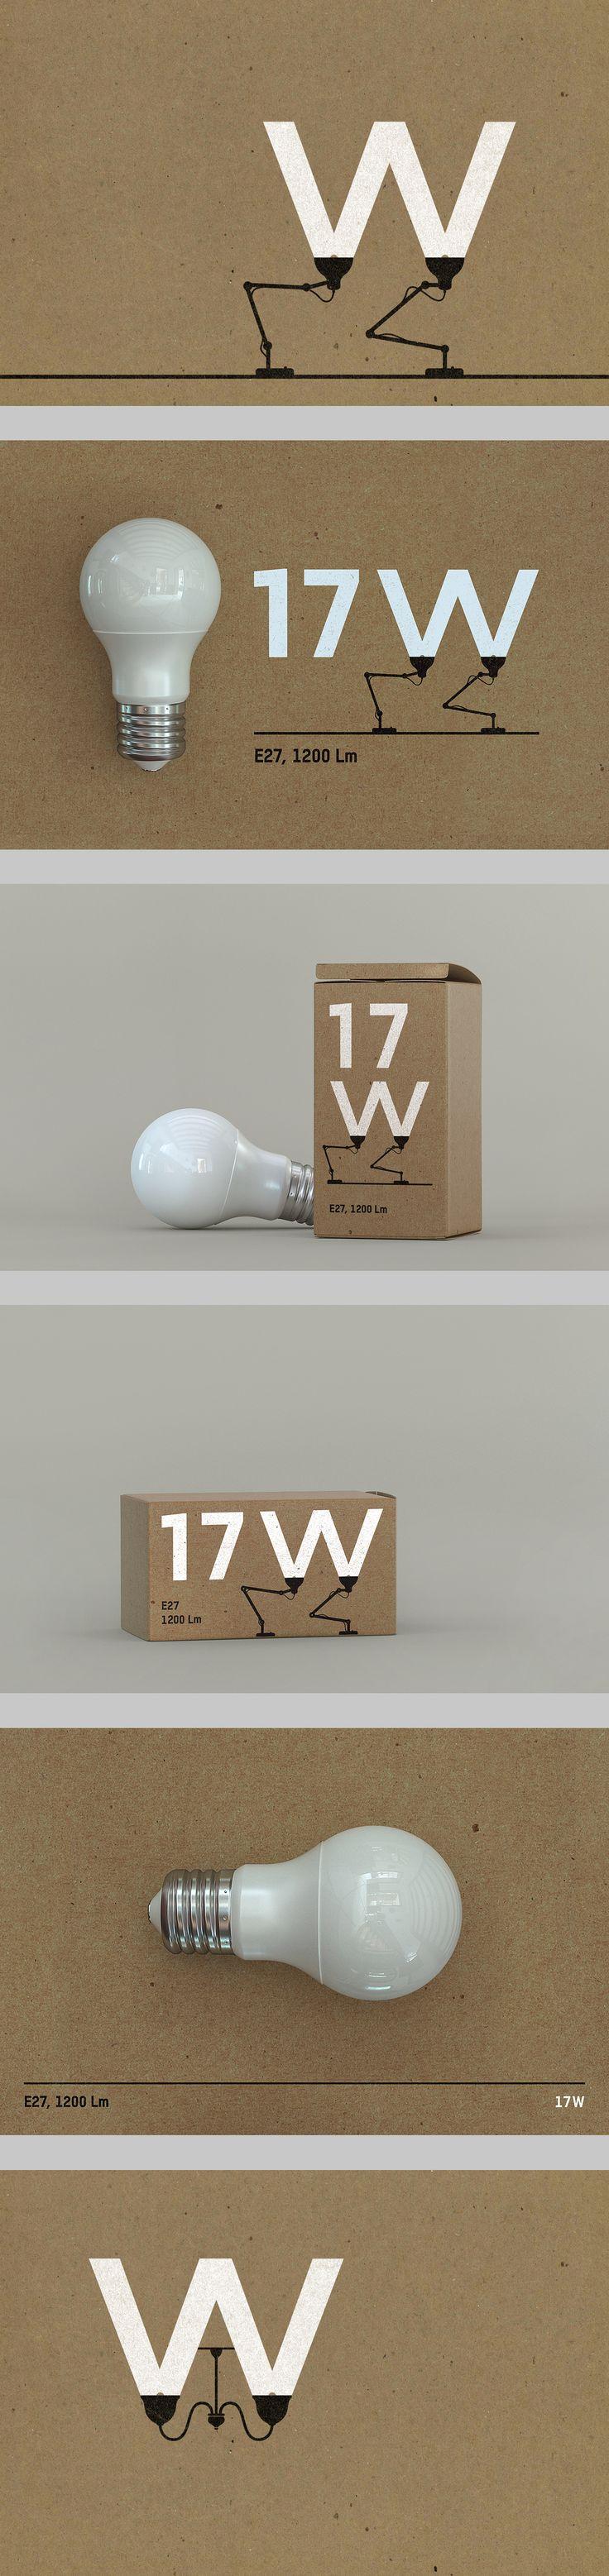 lamp, Упаковка © ДмитрийКуляев